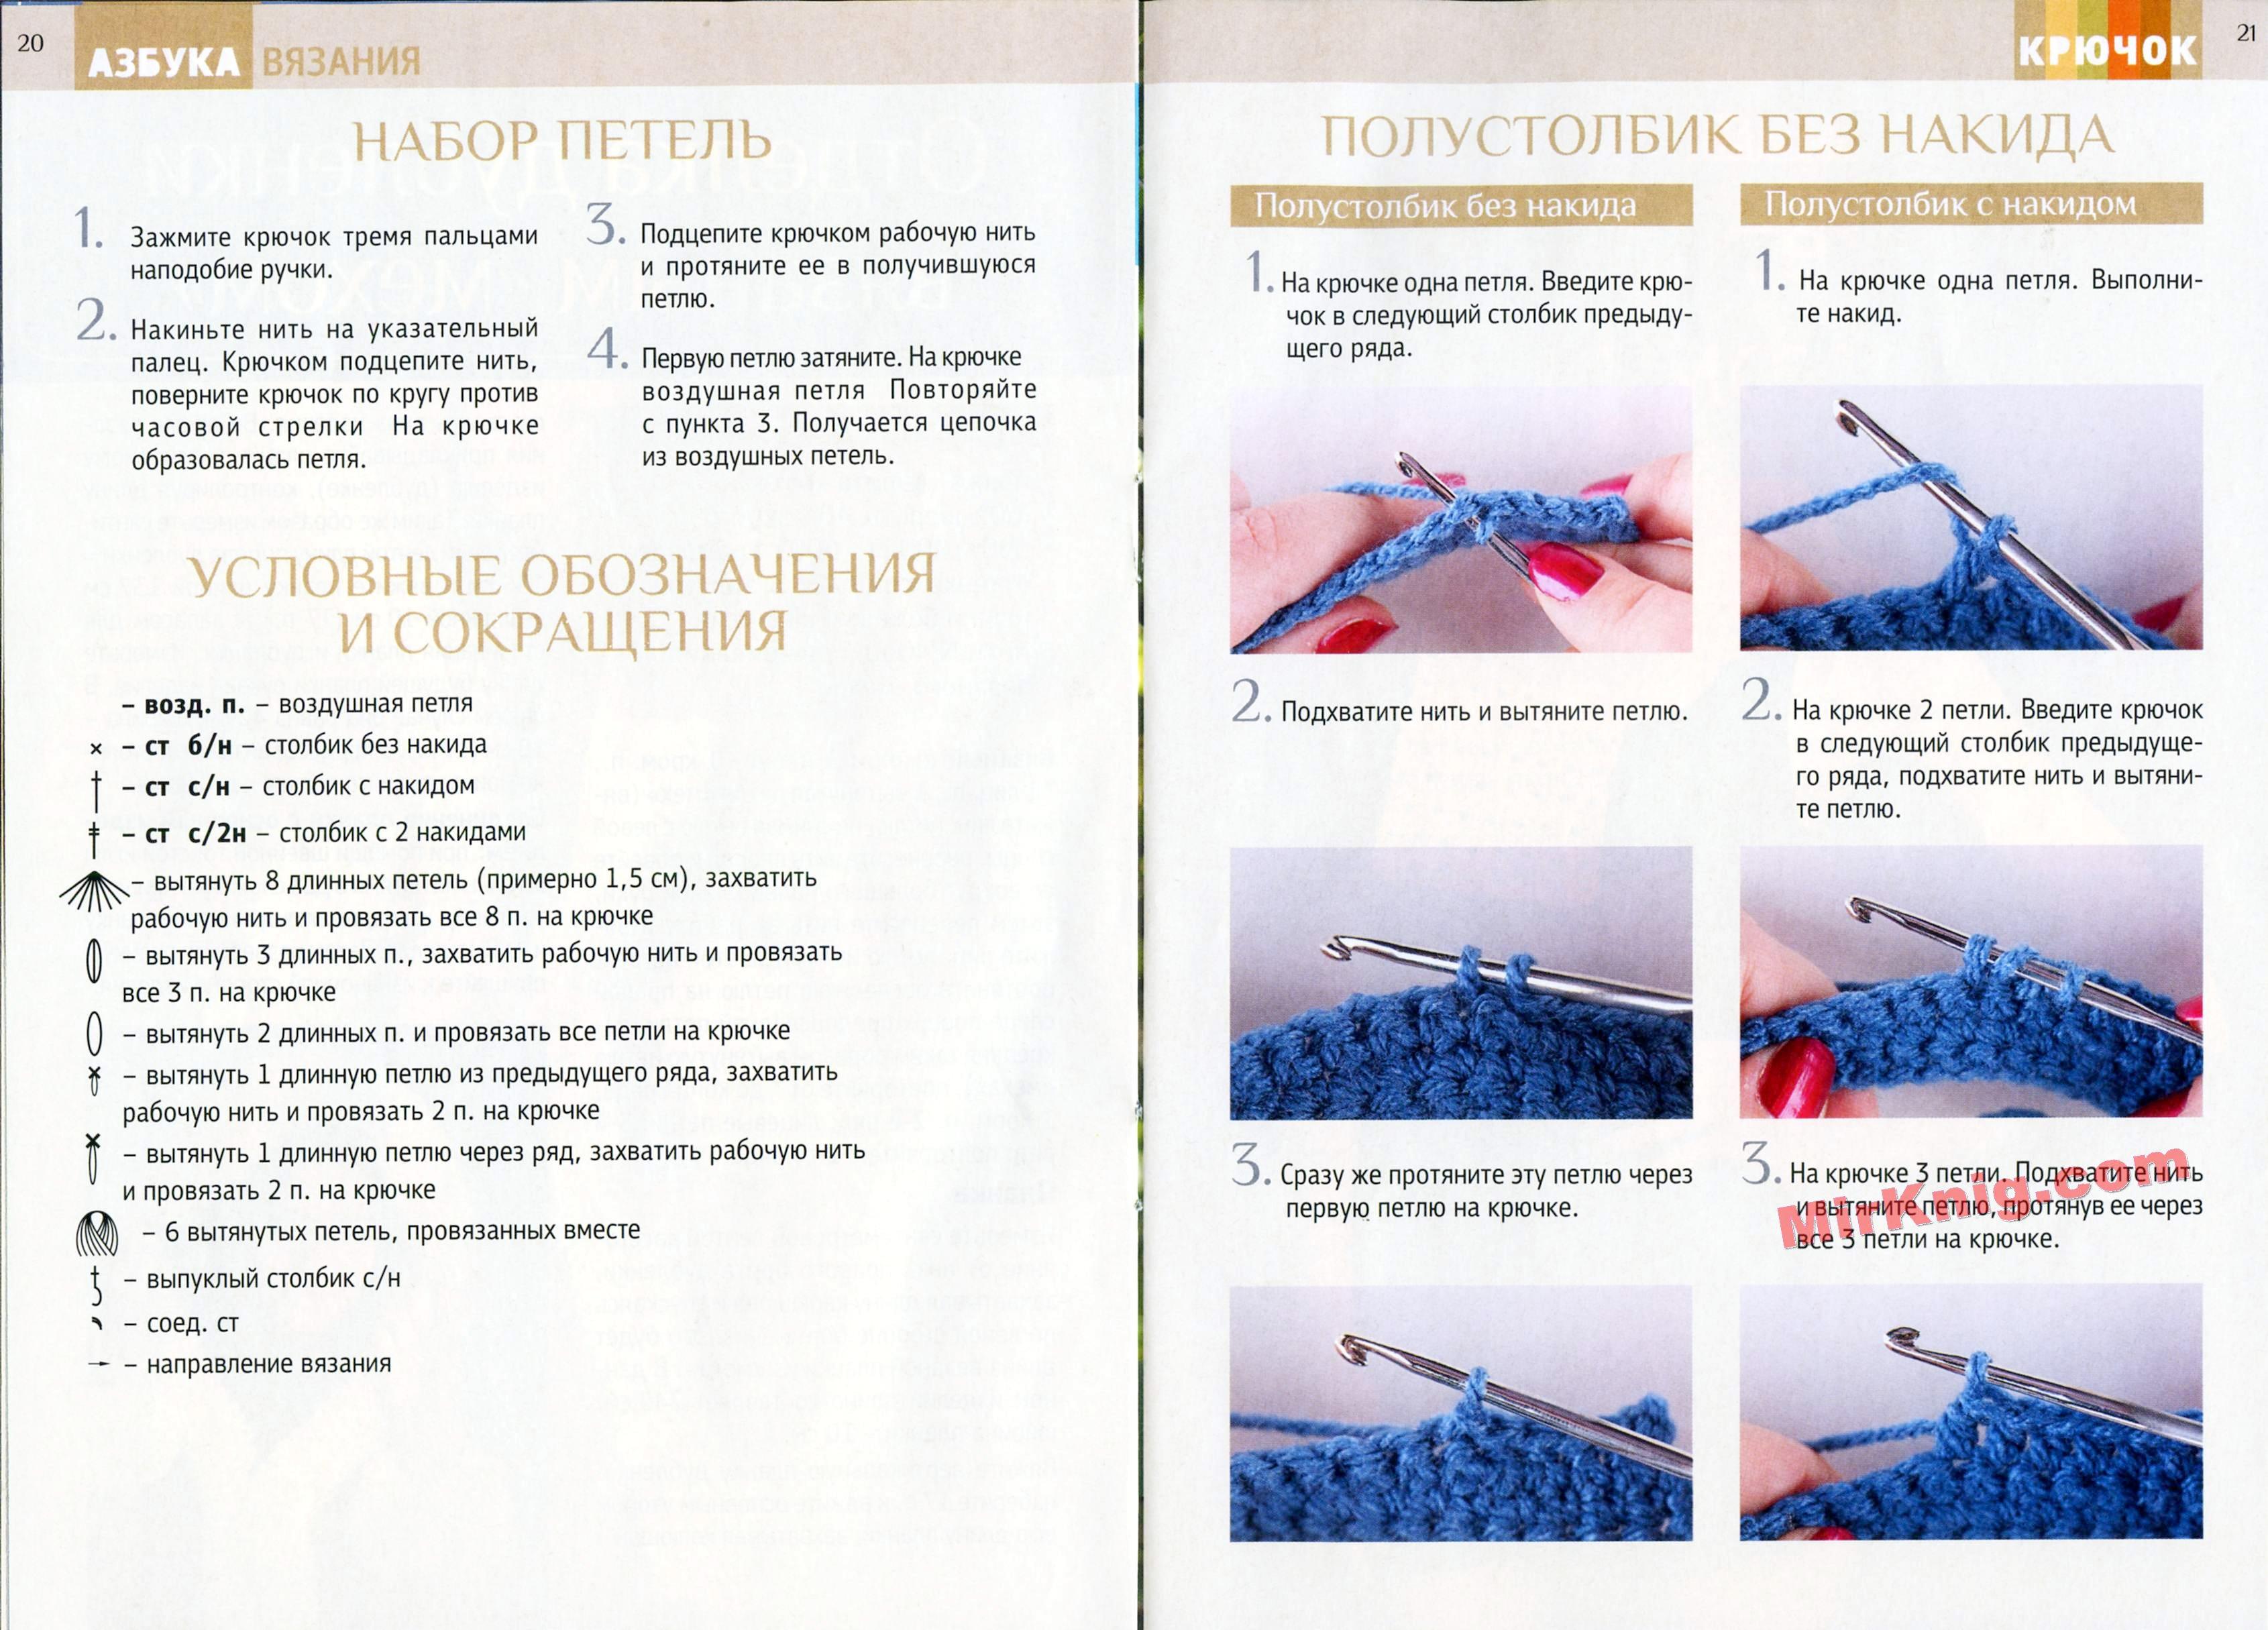 Как вязать длинные петли. Инструкция по вязанию длинных петель 88